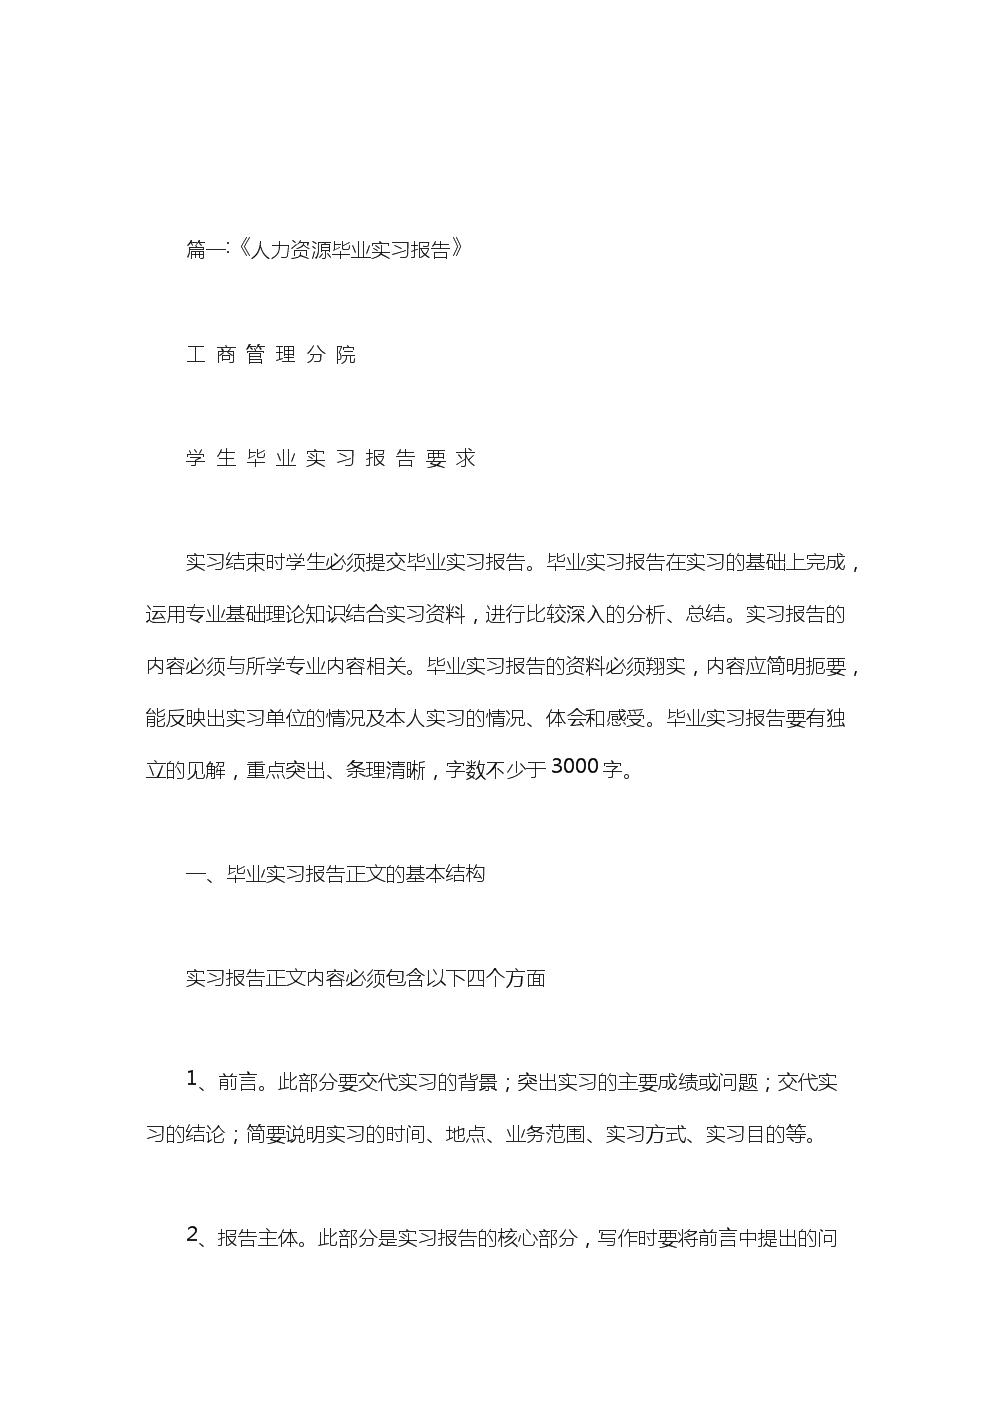 人力资源毕业实习.doc